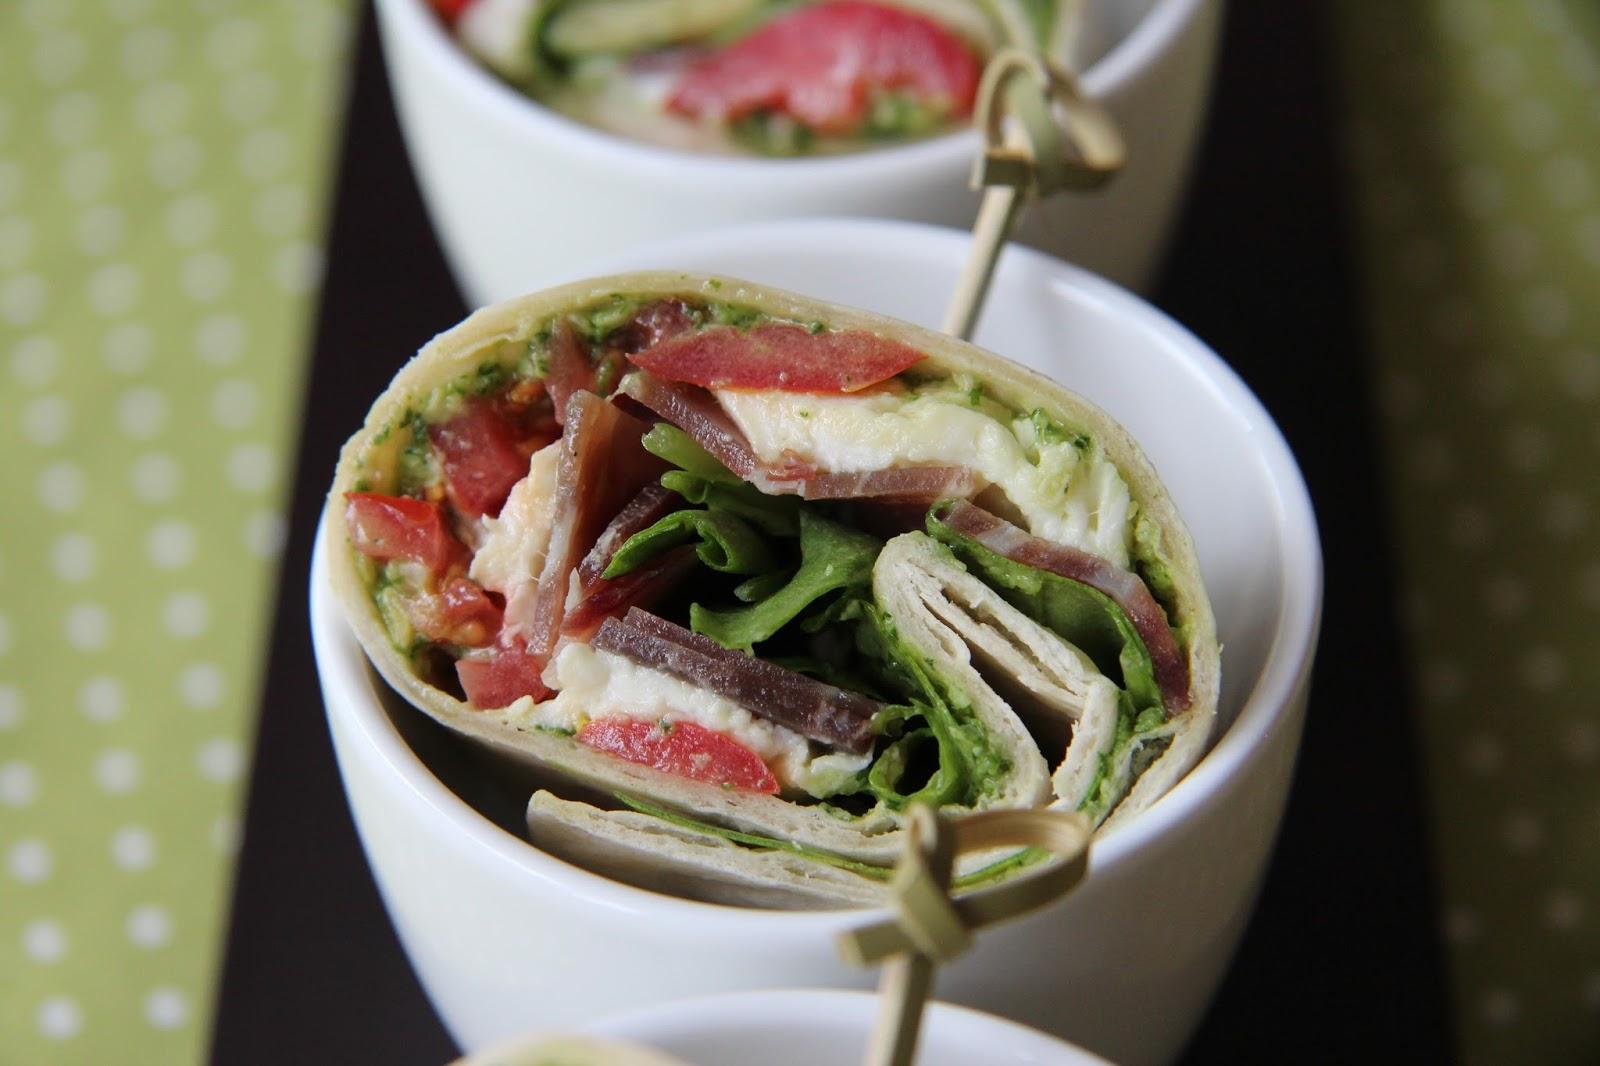 Wraps aux saveurs italiennes blogs de cuisine - Cuisine italienne blog ...